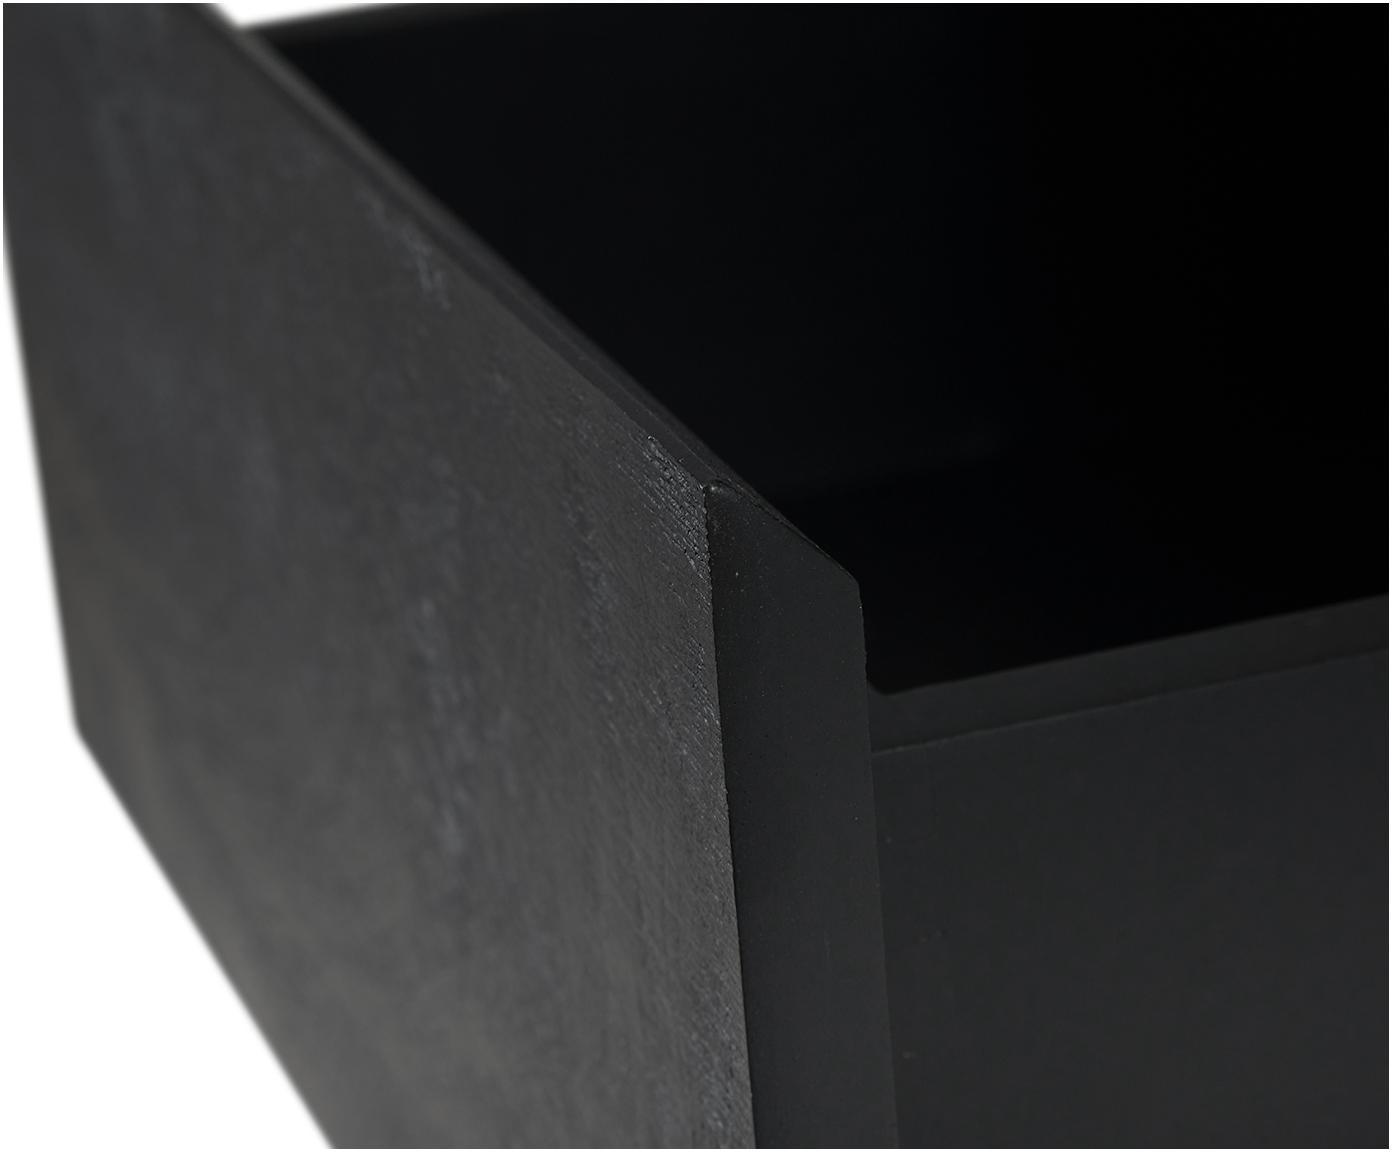 Stolik pomocniczy z szufladą Theodor, Blat: szkło, Stelaż: metal malowany proszkowo, Czarny, S 45 x W 50 cm